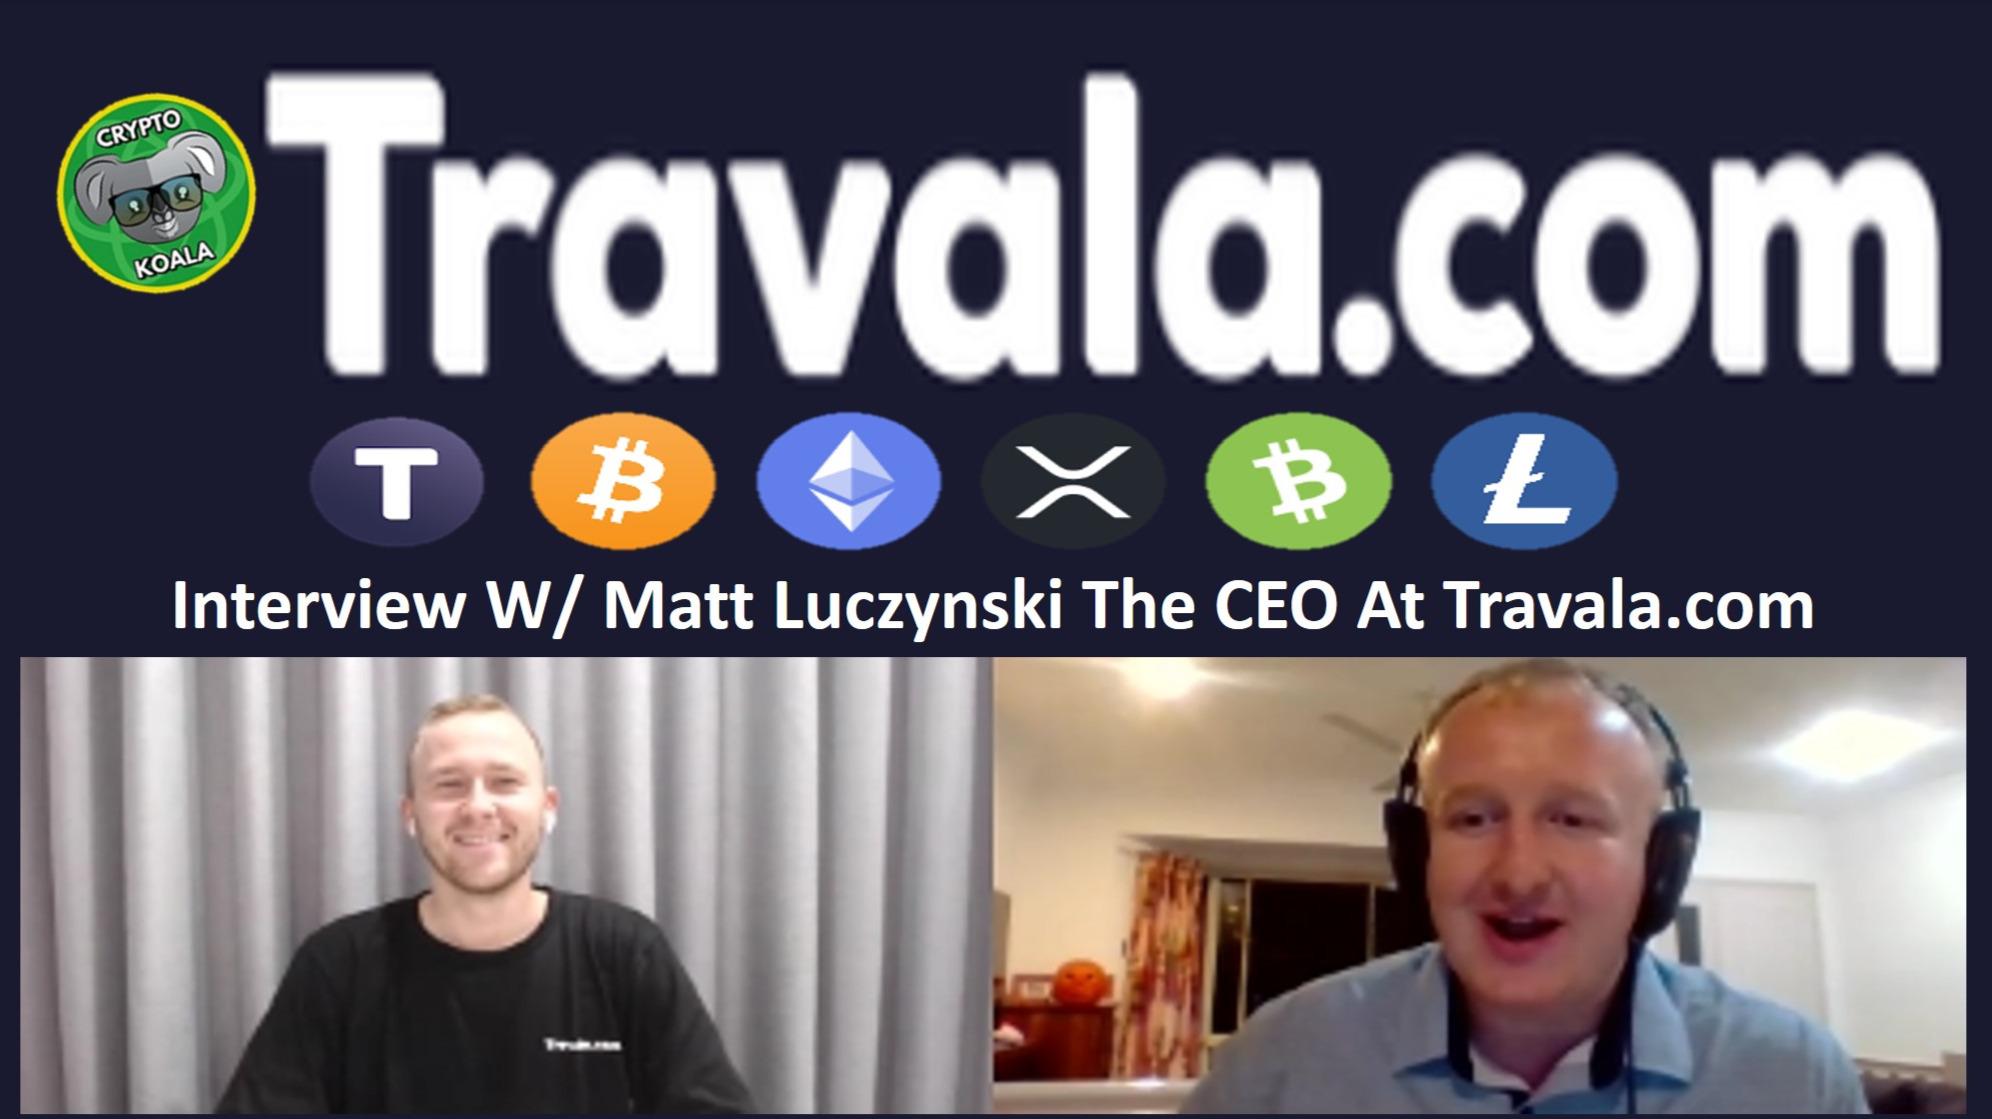 Travala.com Oct 2019 - Book Your Favourite Holiday W/ BNB, EOS, BTC, NEO & More! W/Matt Luczynski